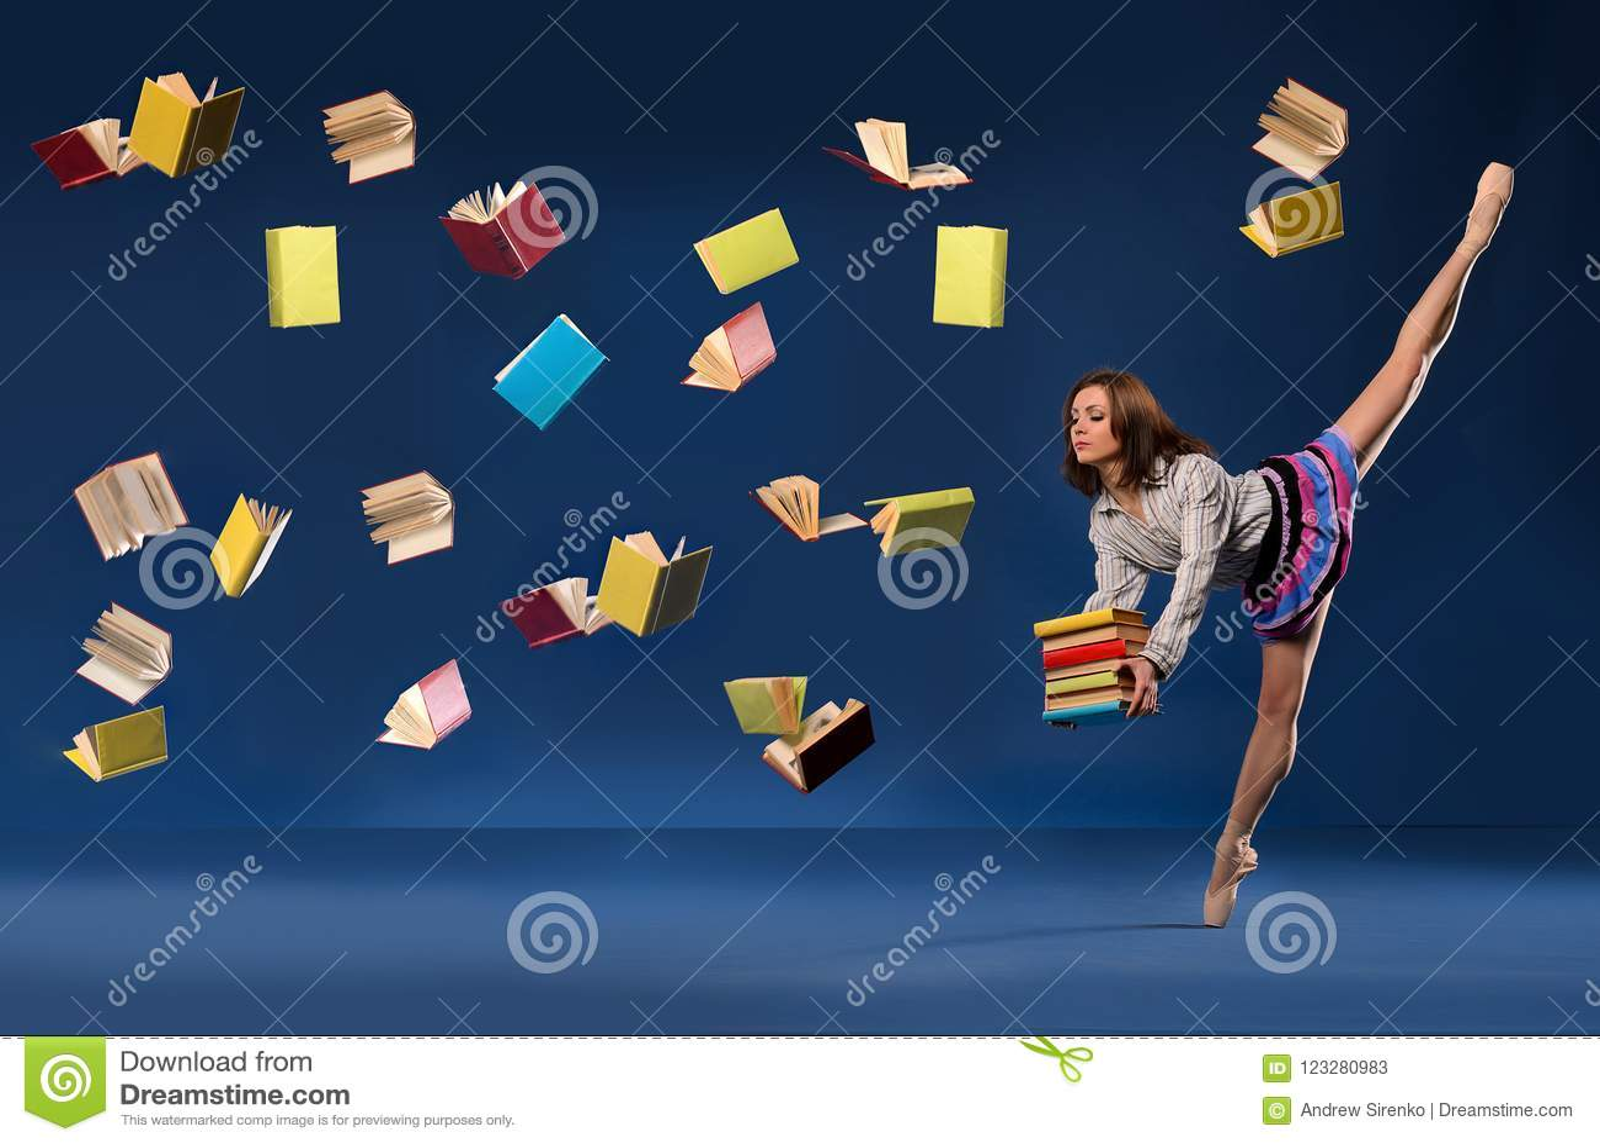 Балерина в форме школьницы с кучей записывает